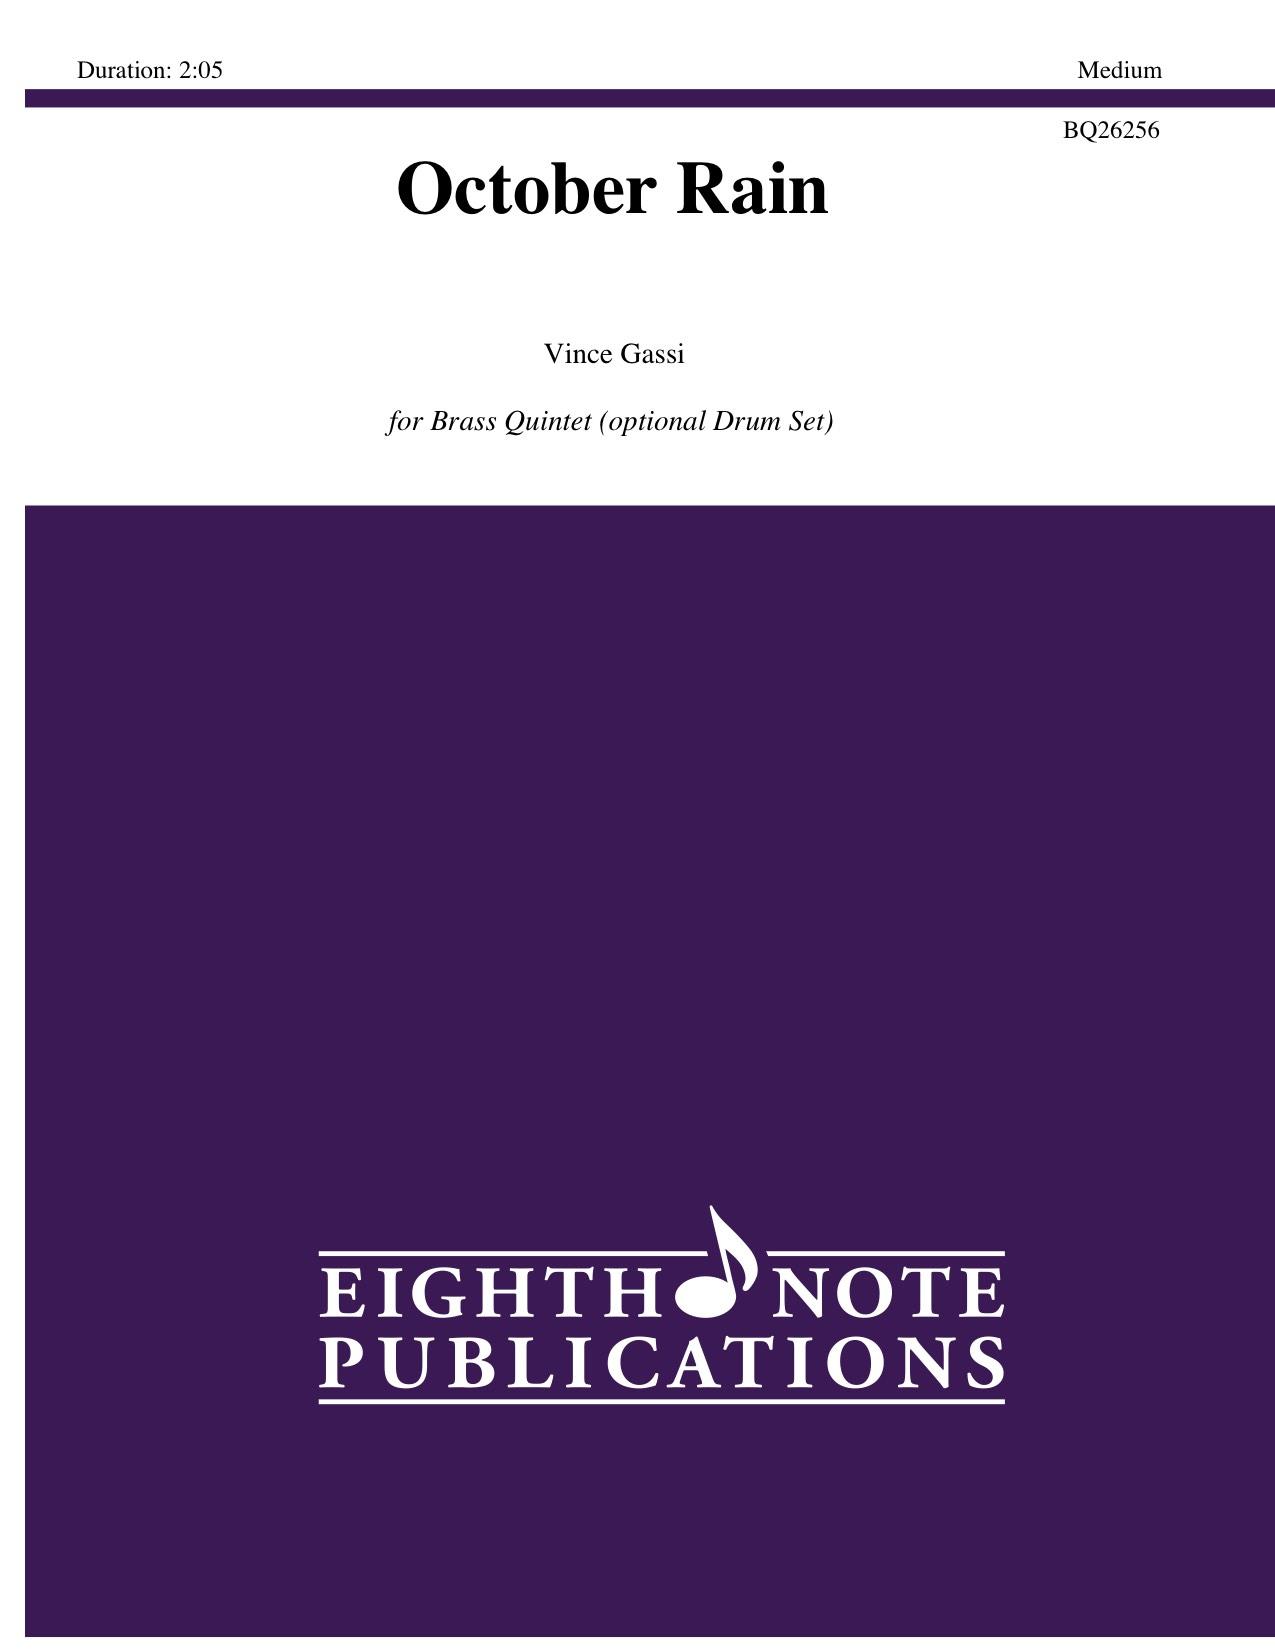 October Rain - Vince Gassi